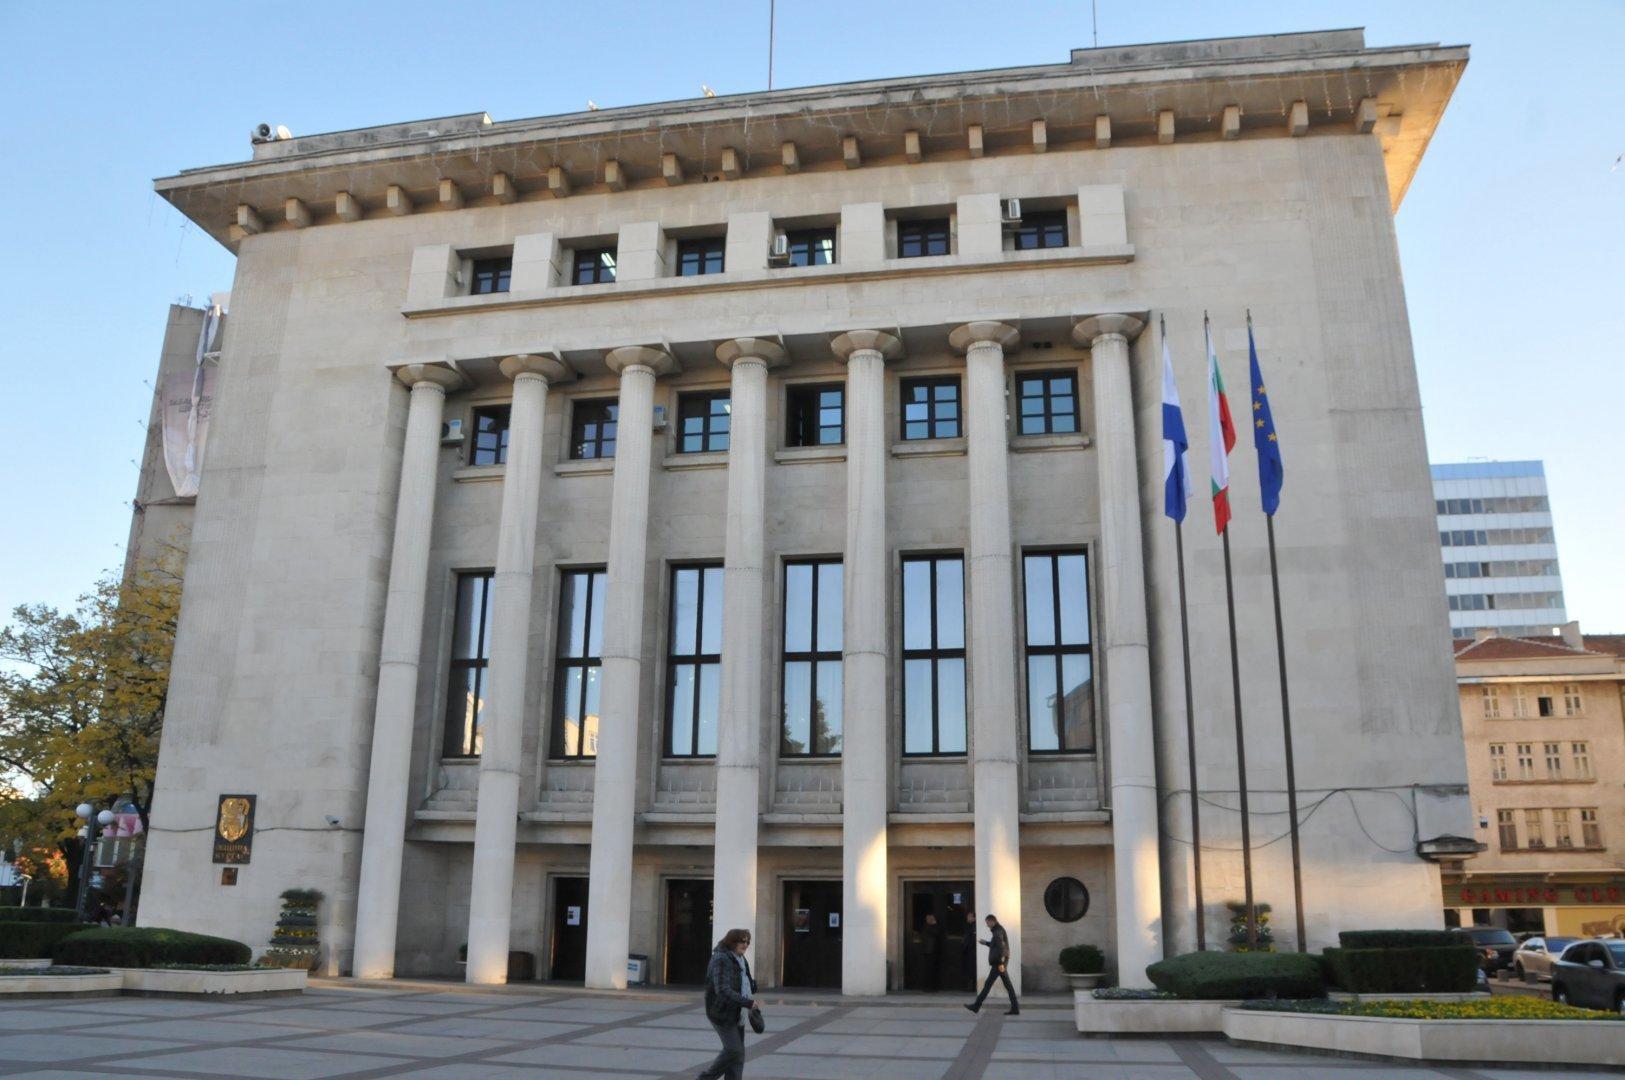 Имотите ще бъдат предоставени безвъзмездно на Общината. Сниимка Архив Черноморие-Бг